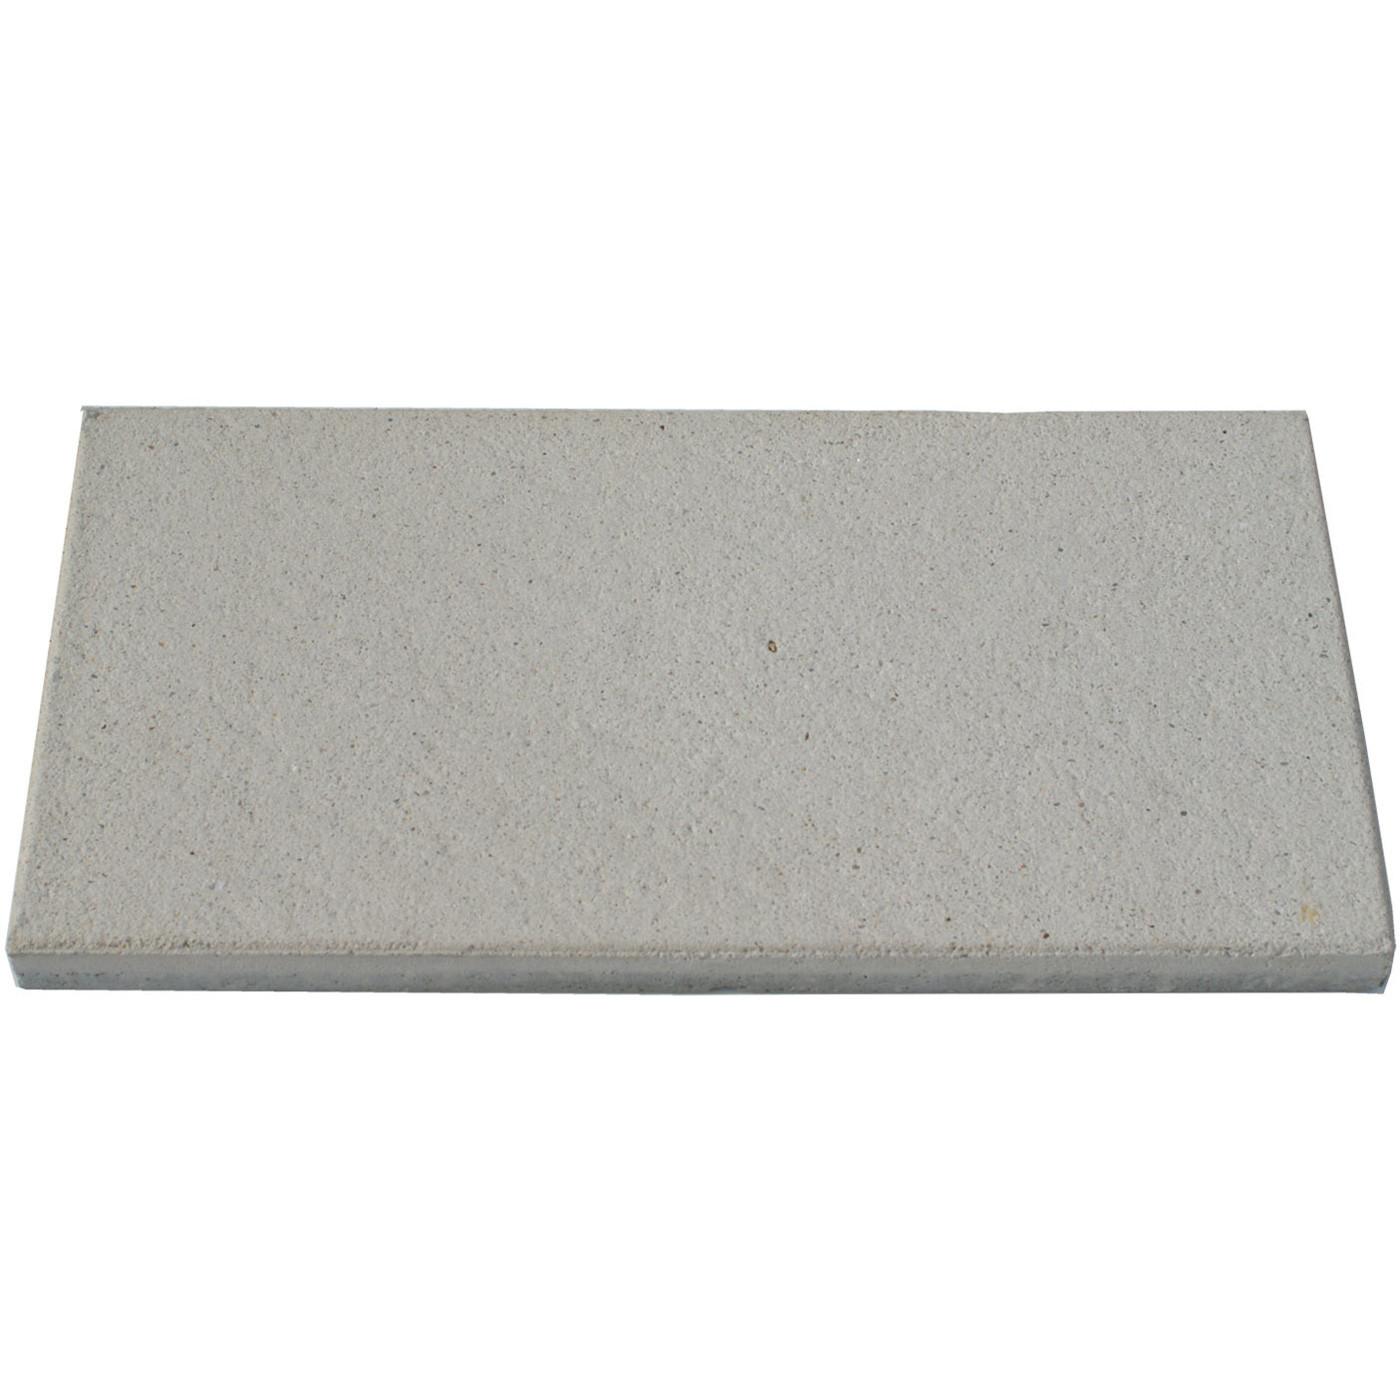 Terrasse En Palette Duree De Vie dalle de terrasse en béton grenaillée 60 x 30 x 4 cm gris clair par palette  de 6,84 m2